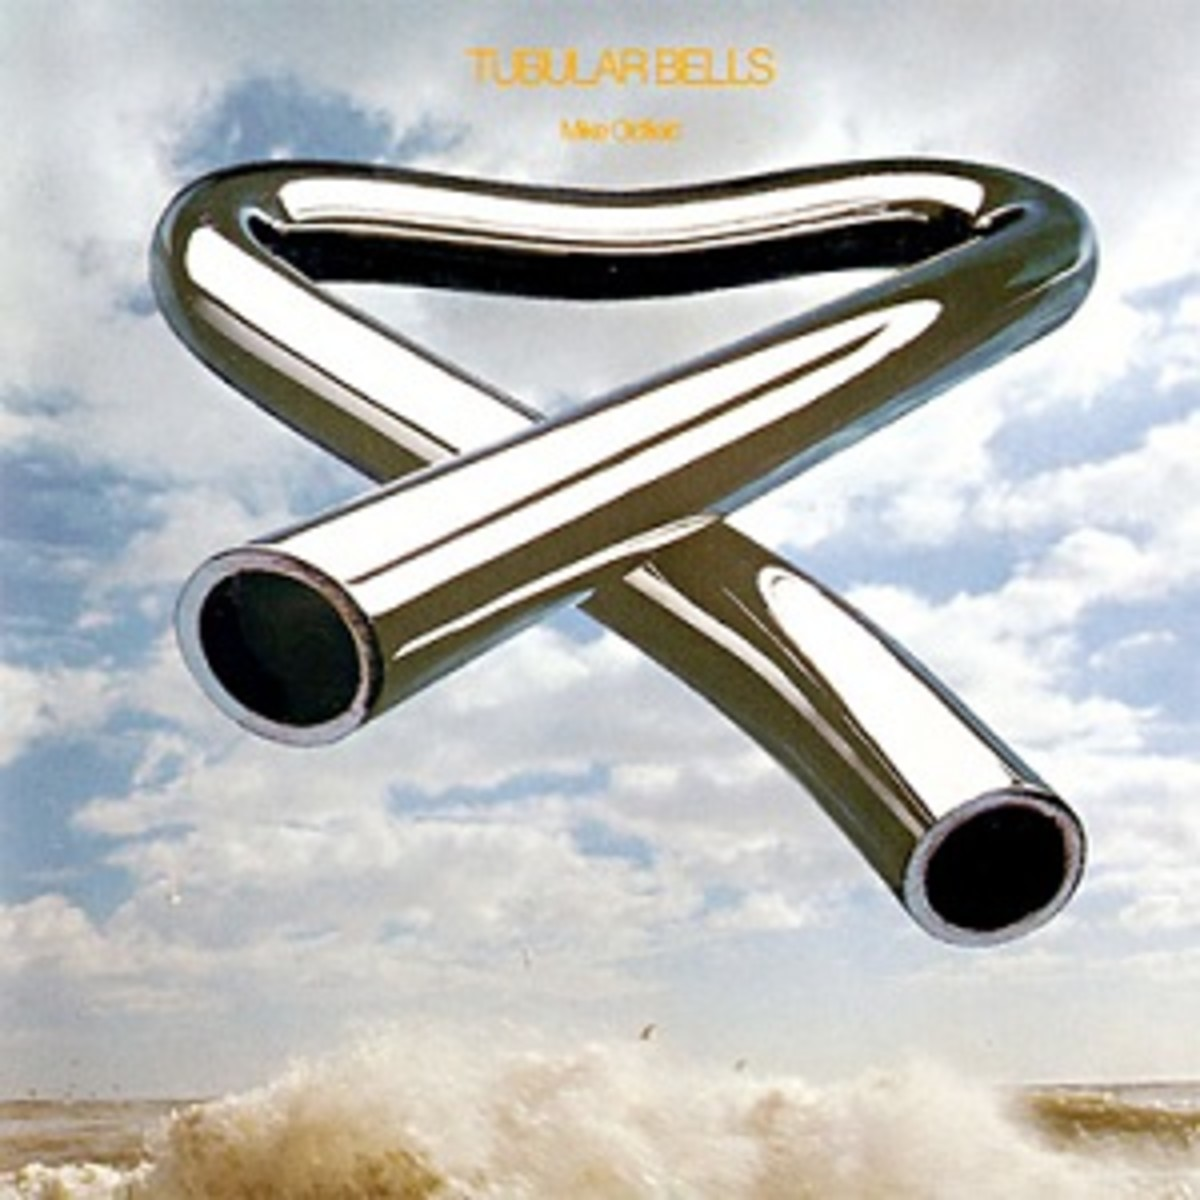 Tubular Bells 1973